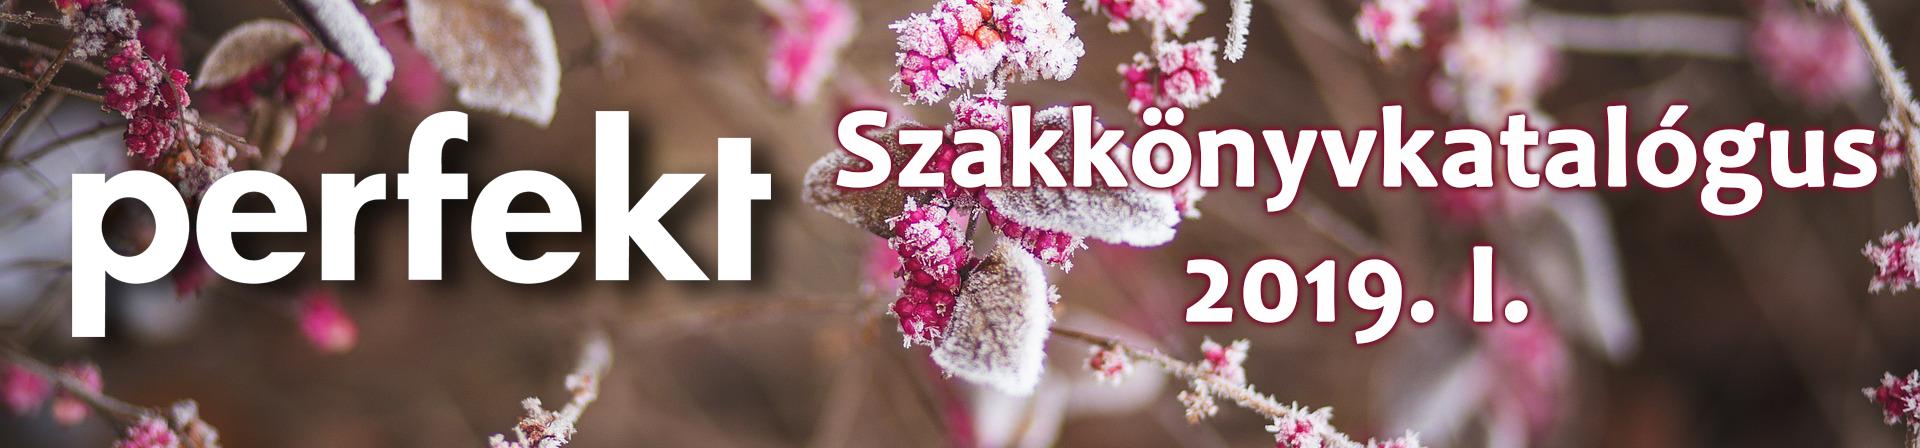 perfekt_szakkonyvkatalogus_2019-i.png